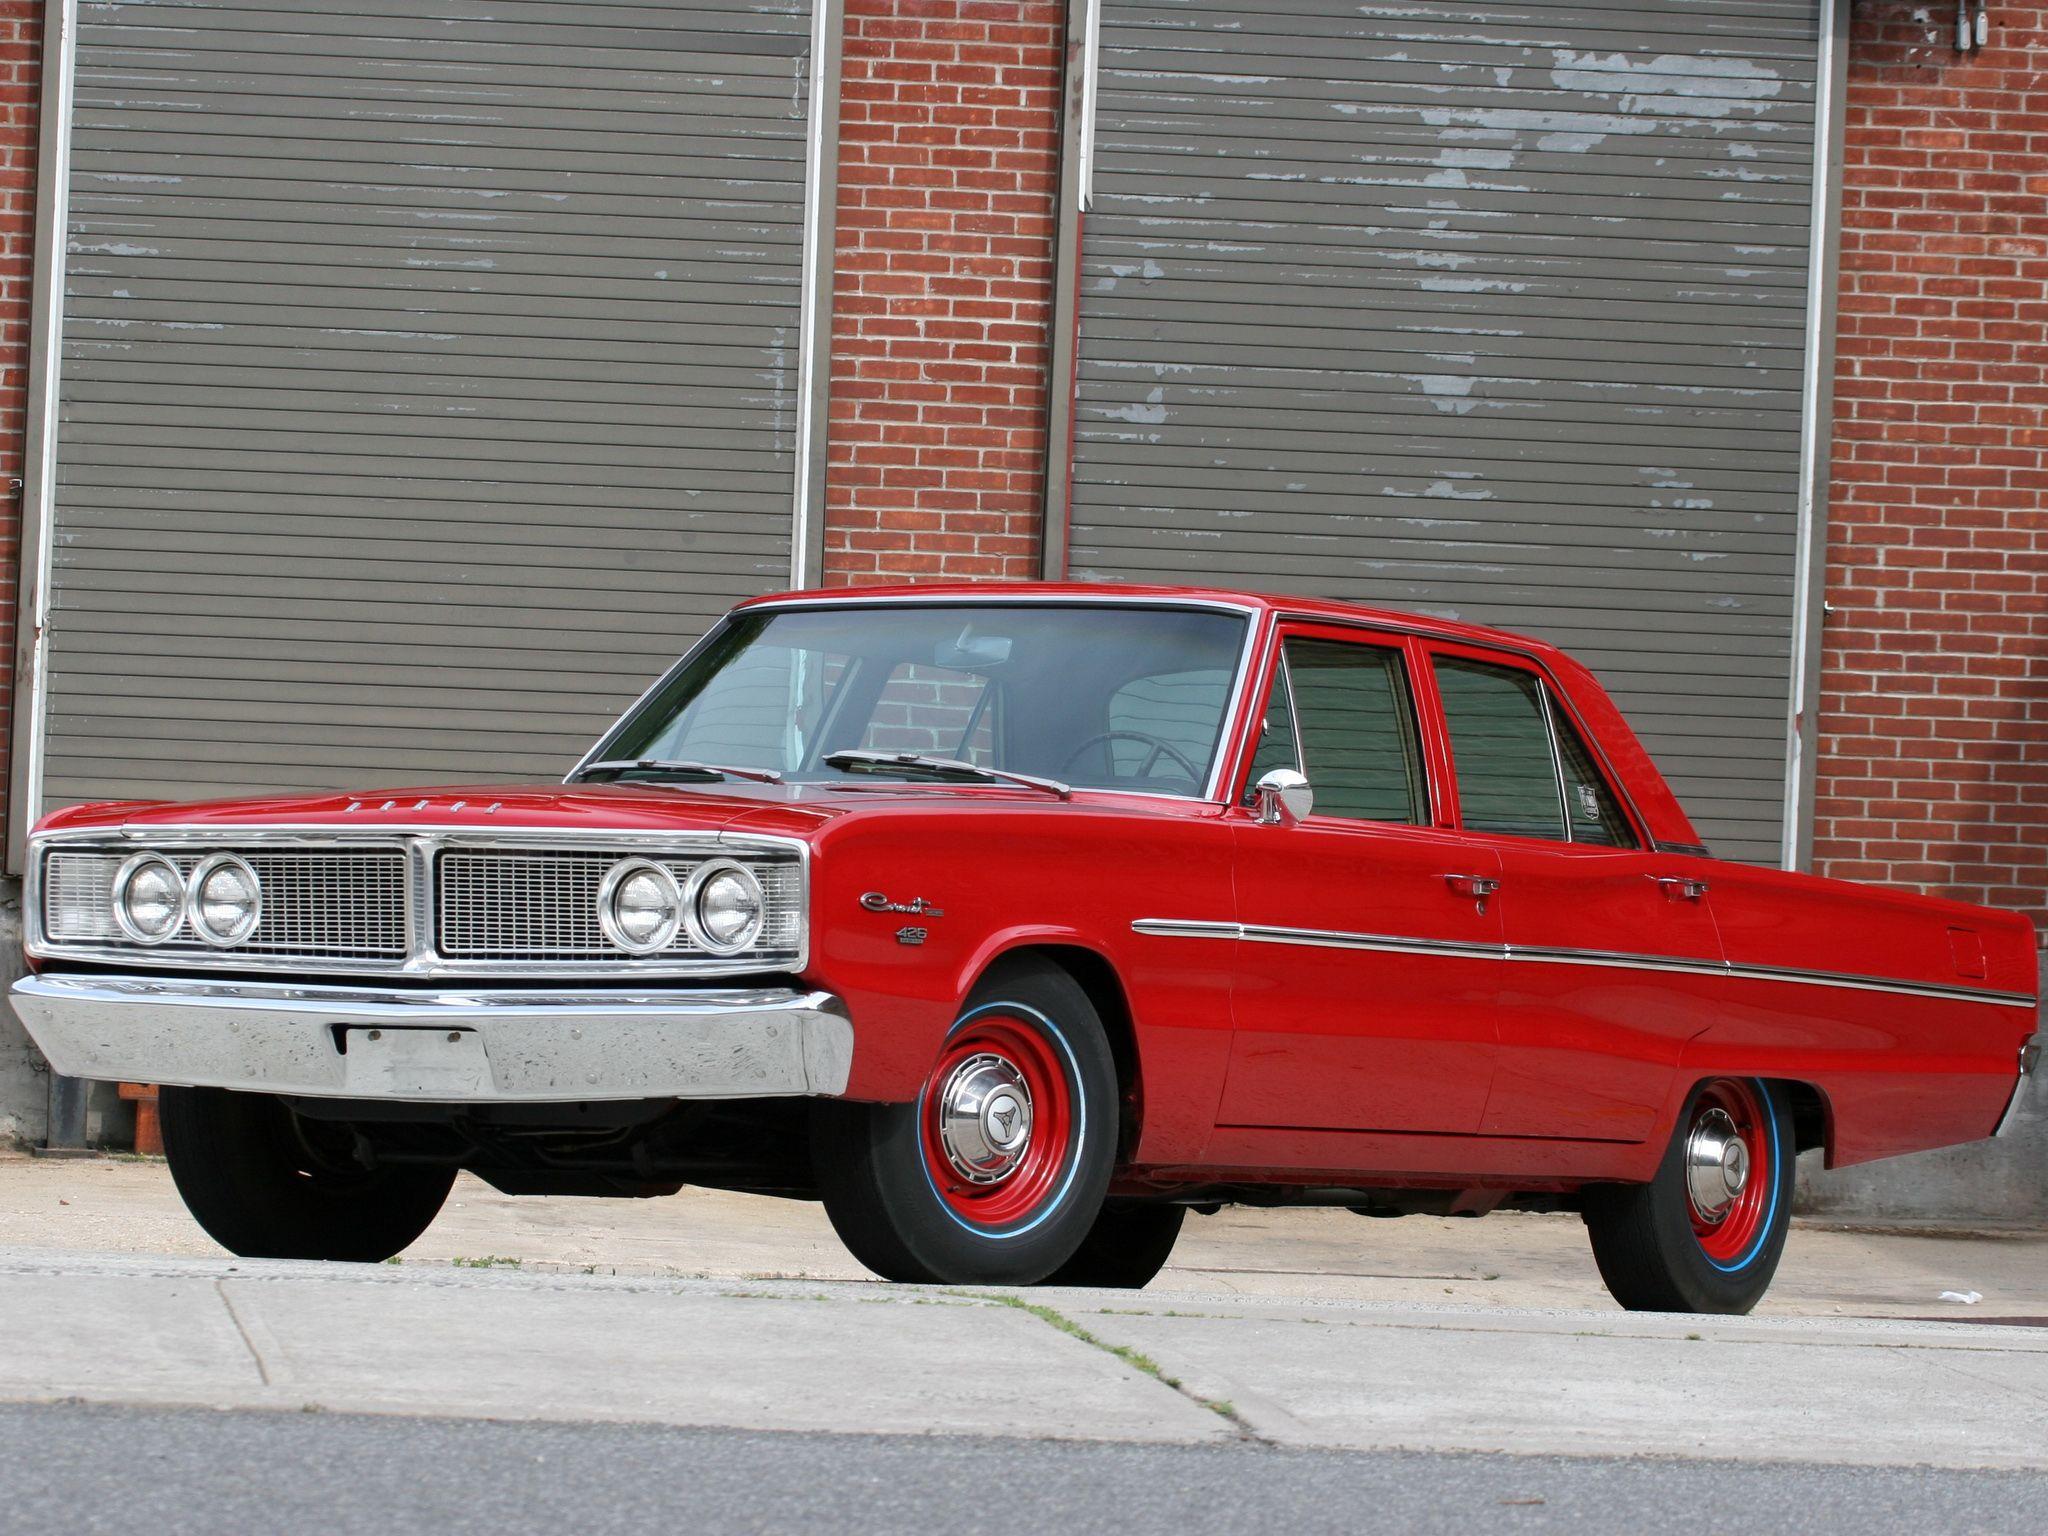 1966 dodge coronet deluxe 426 hemi 4 door sedan